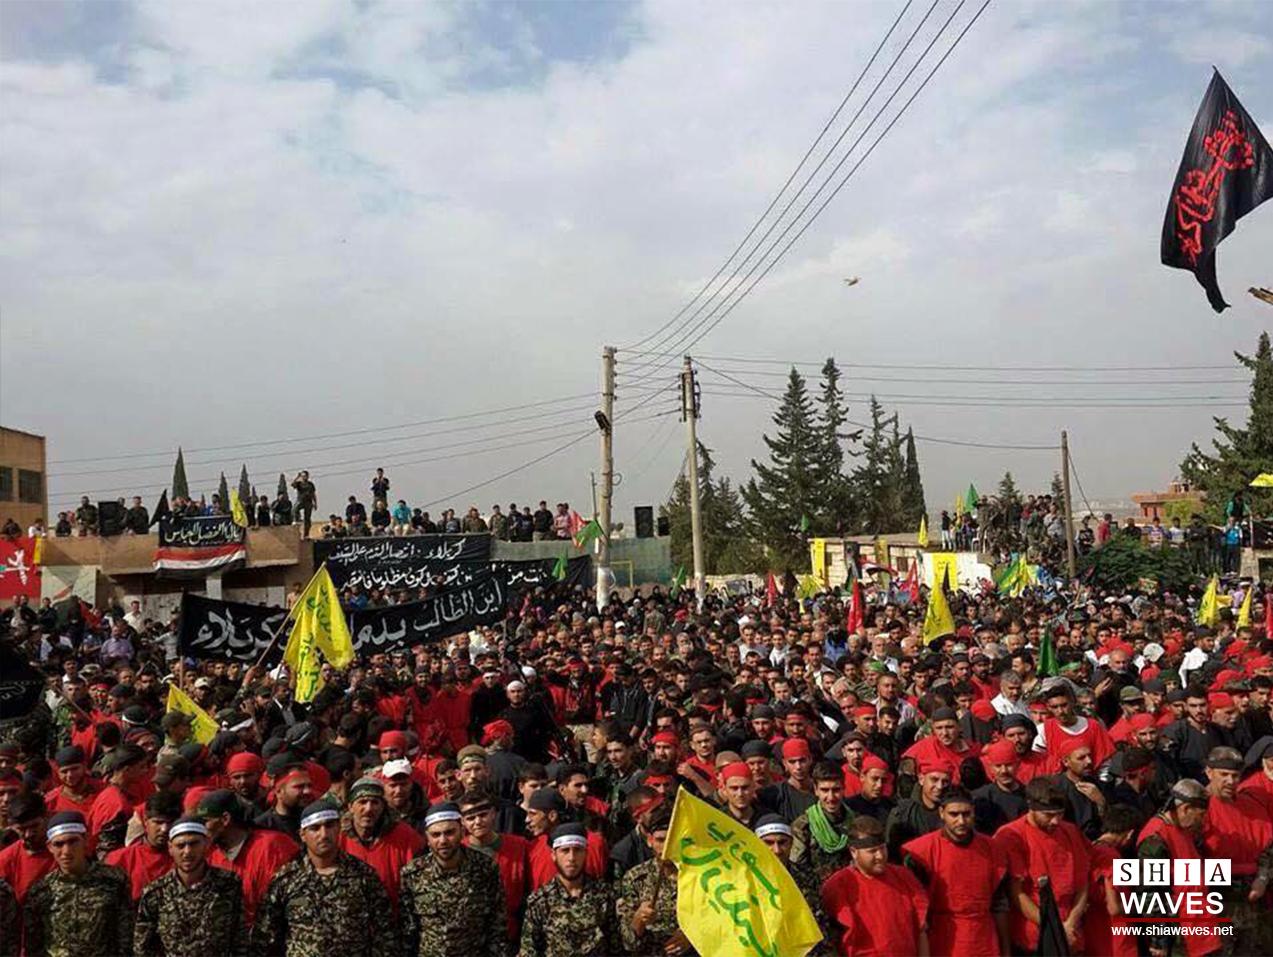 تصویر گزارش تصویری ـ جهان در عزای سید و سالار شهیدان سوریه